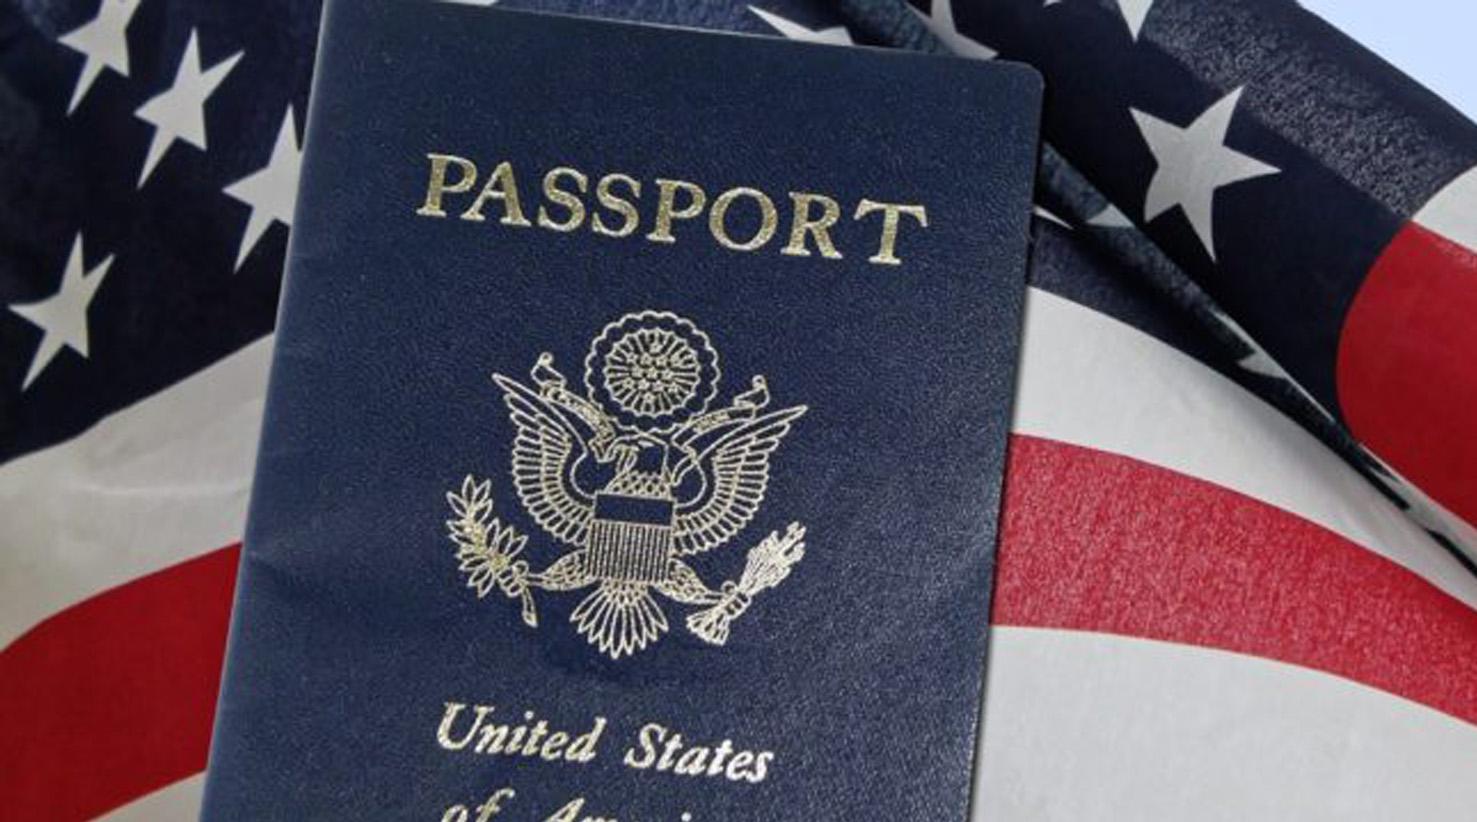 Lo ngại lệ phí tăng, giới nhà giàu Trung Cộng gấp rút xin visa EB5 đầu tư vào Hoa Kỳ